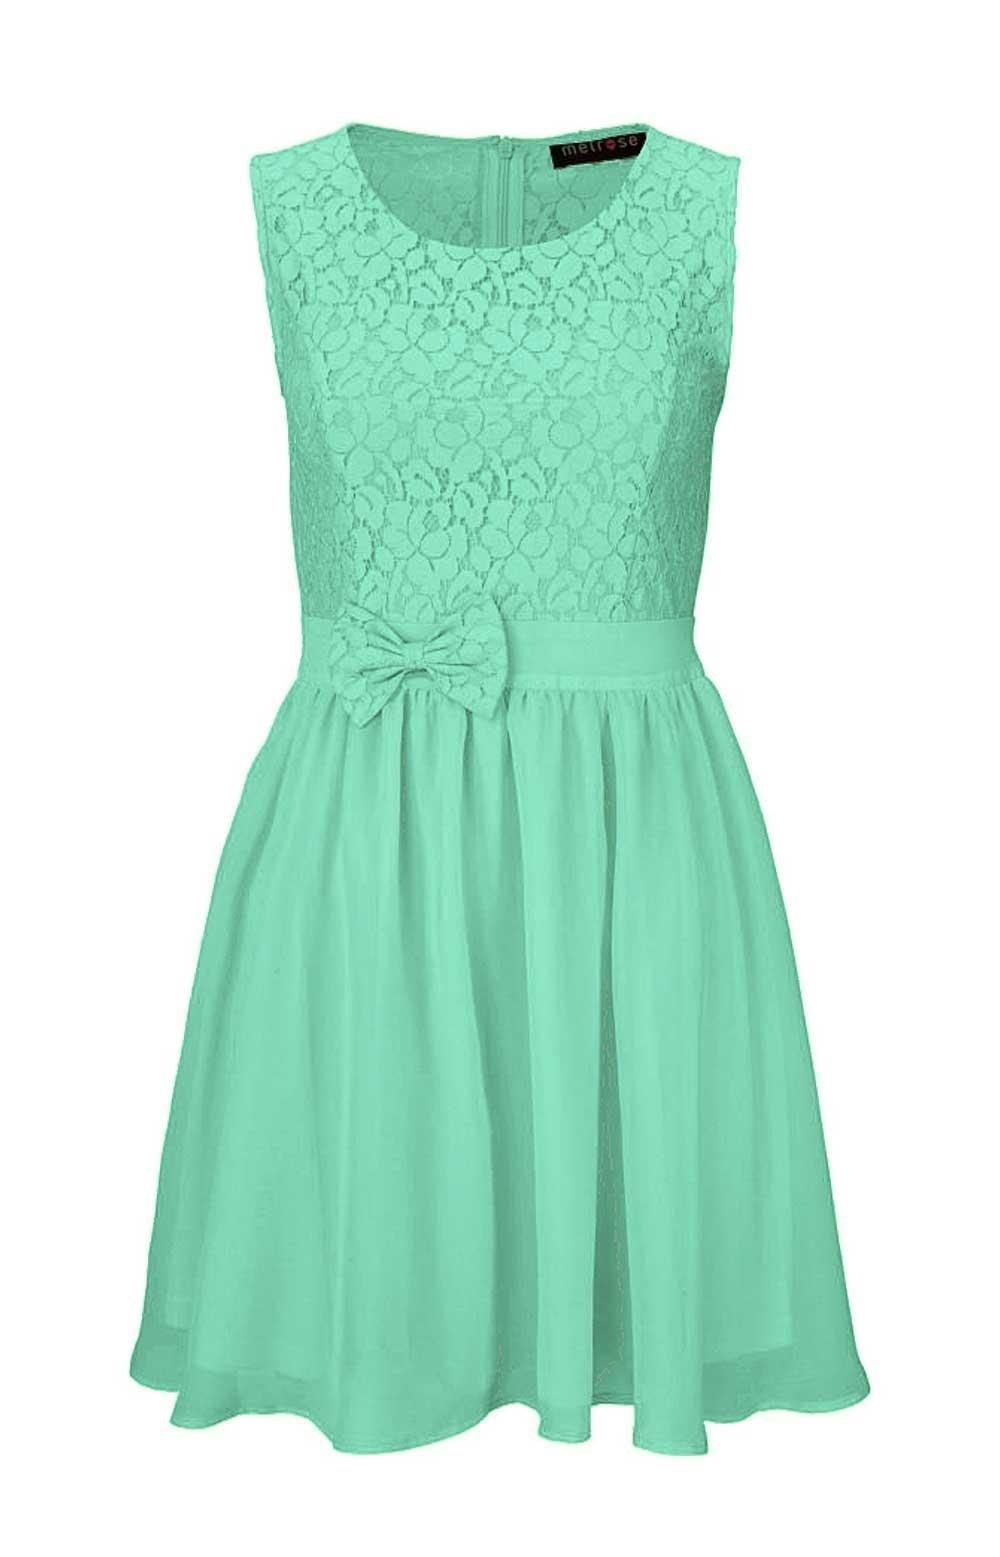 20 Luxus Kleid Türkis Spitze für 20 - Abendkleid